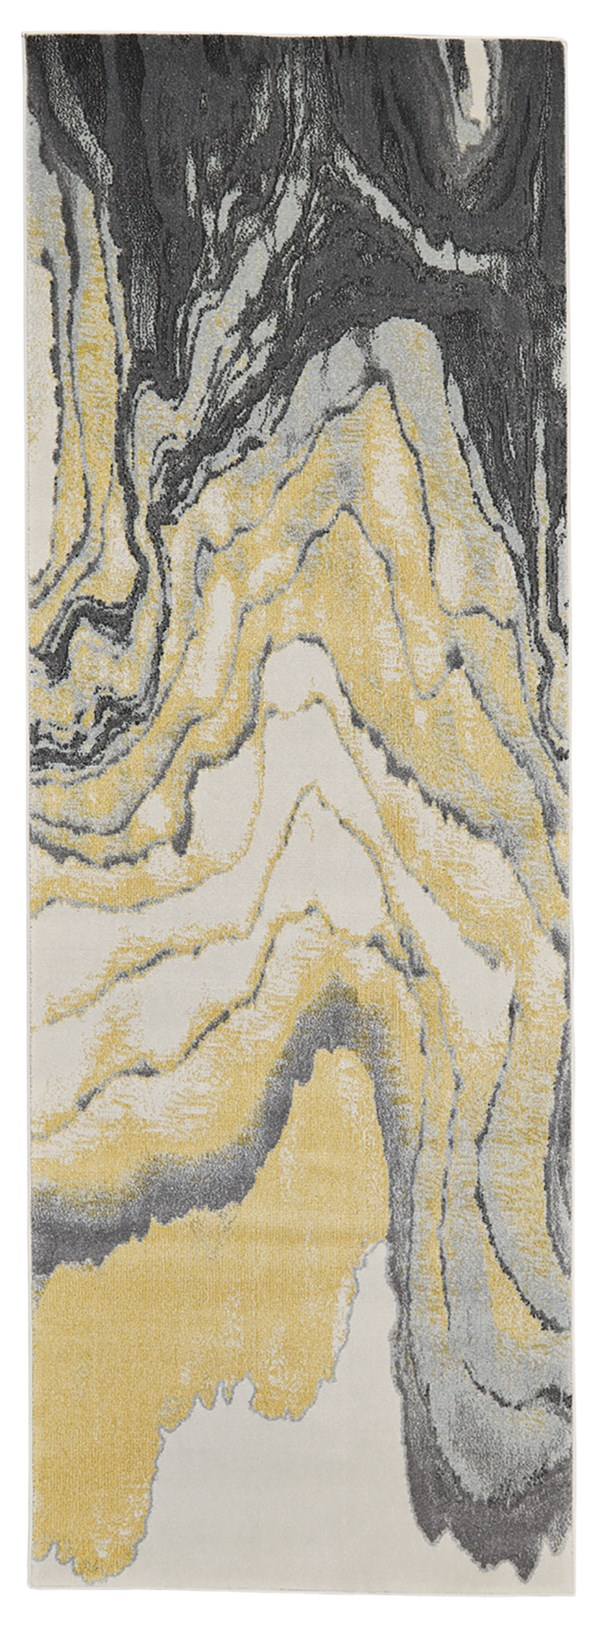 Slate Abstract Area Rug